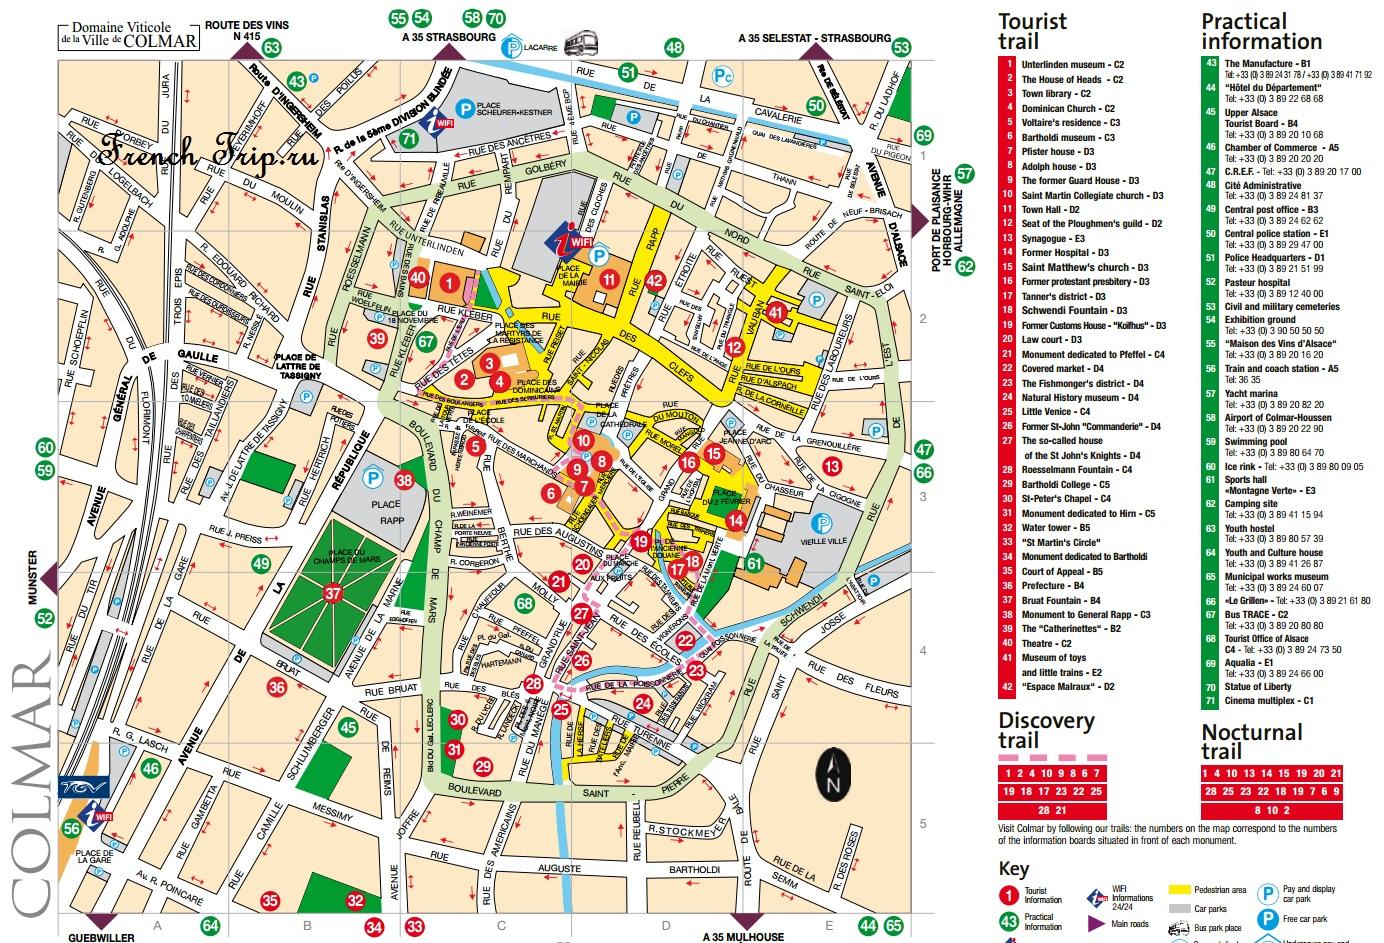 Карта туристического маршрута по Кольмару с отмеченными достопримечательностями, скачать бесплатно